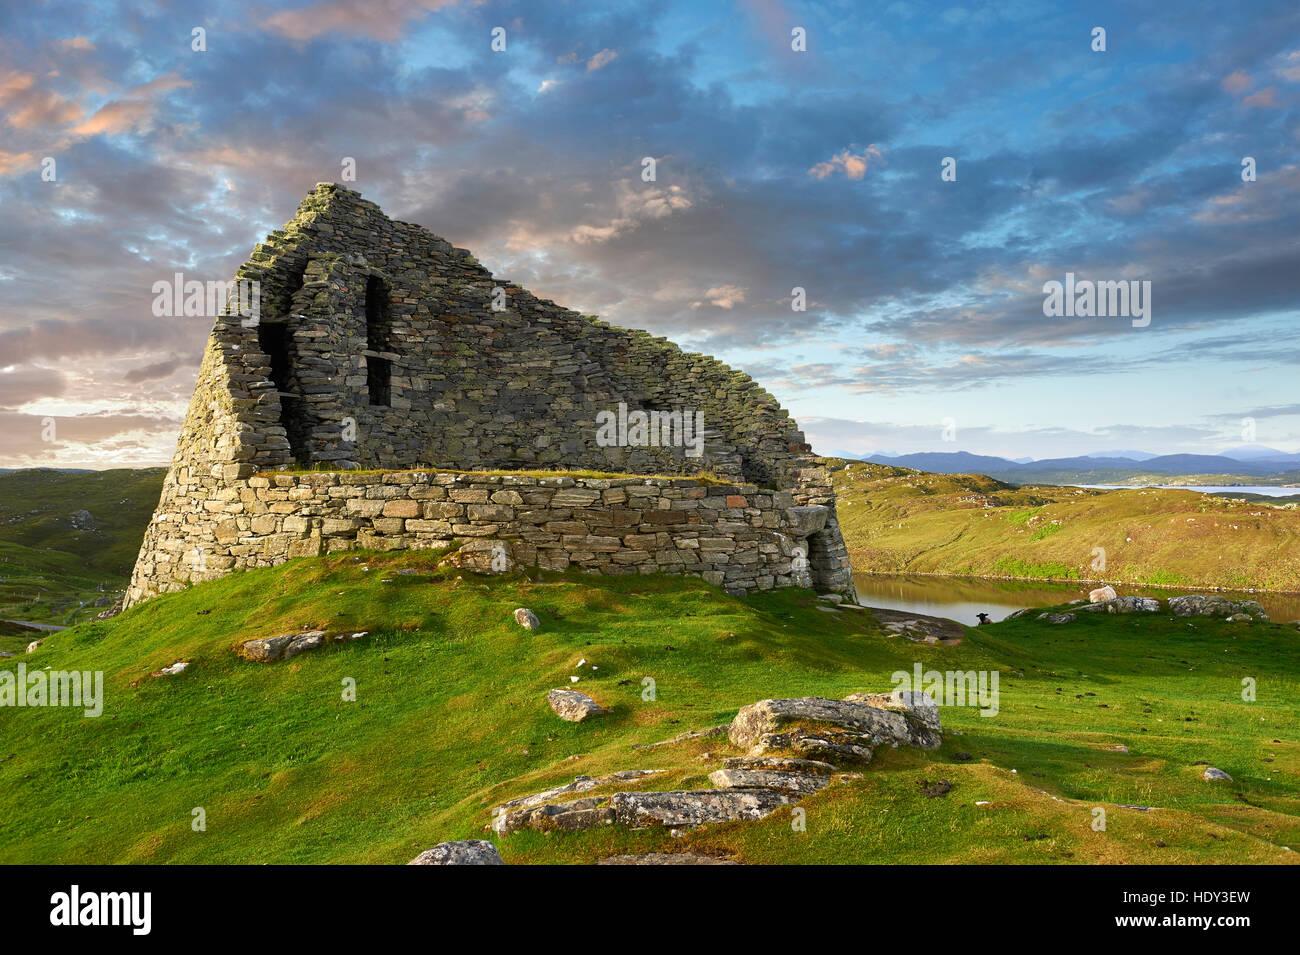 Bilder von Dun Carloway Broch auf der Isle of Lewis auf den äußeren Hebriden, Schottland. Ausgedehnte Stockbild